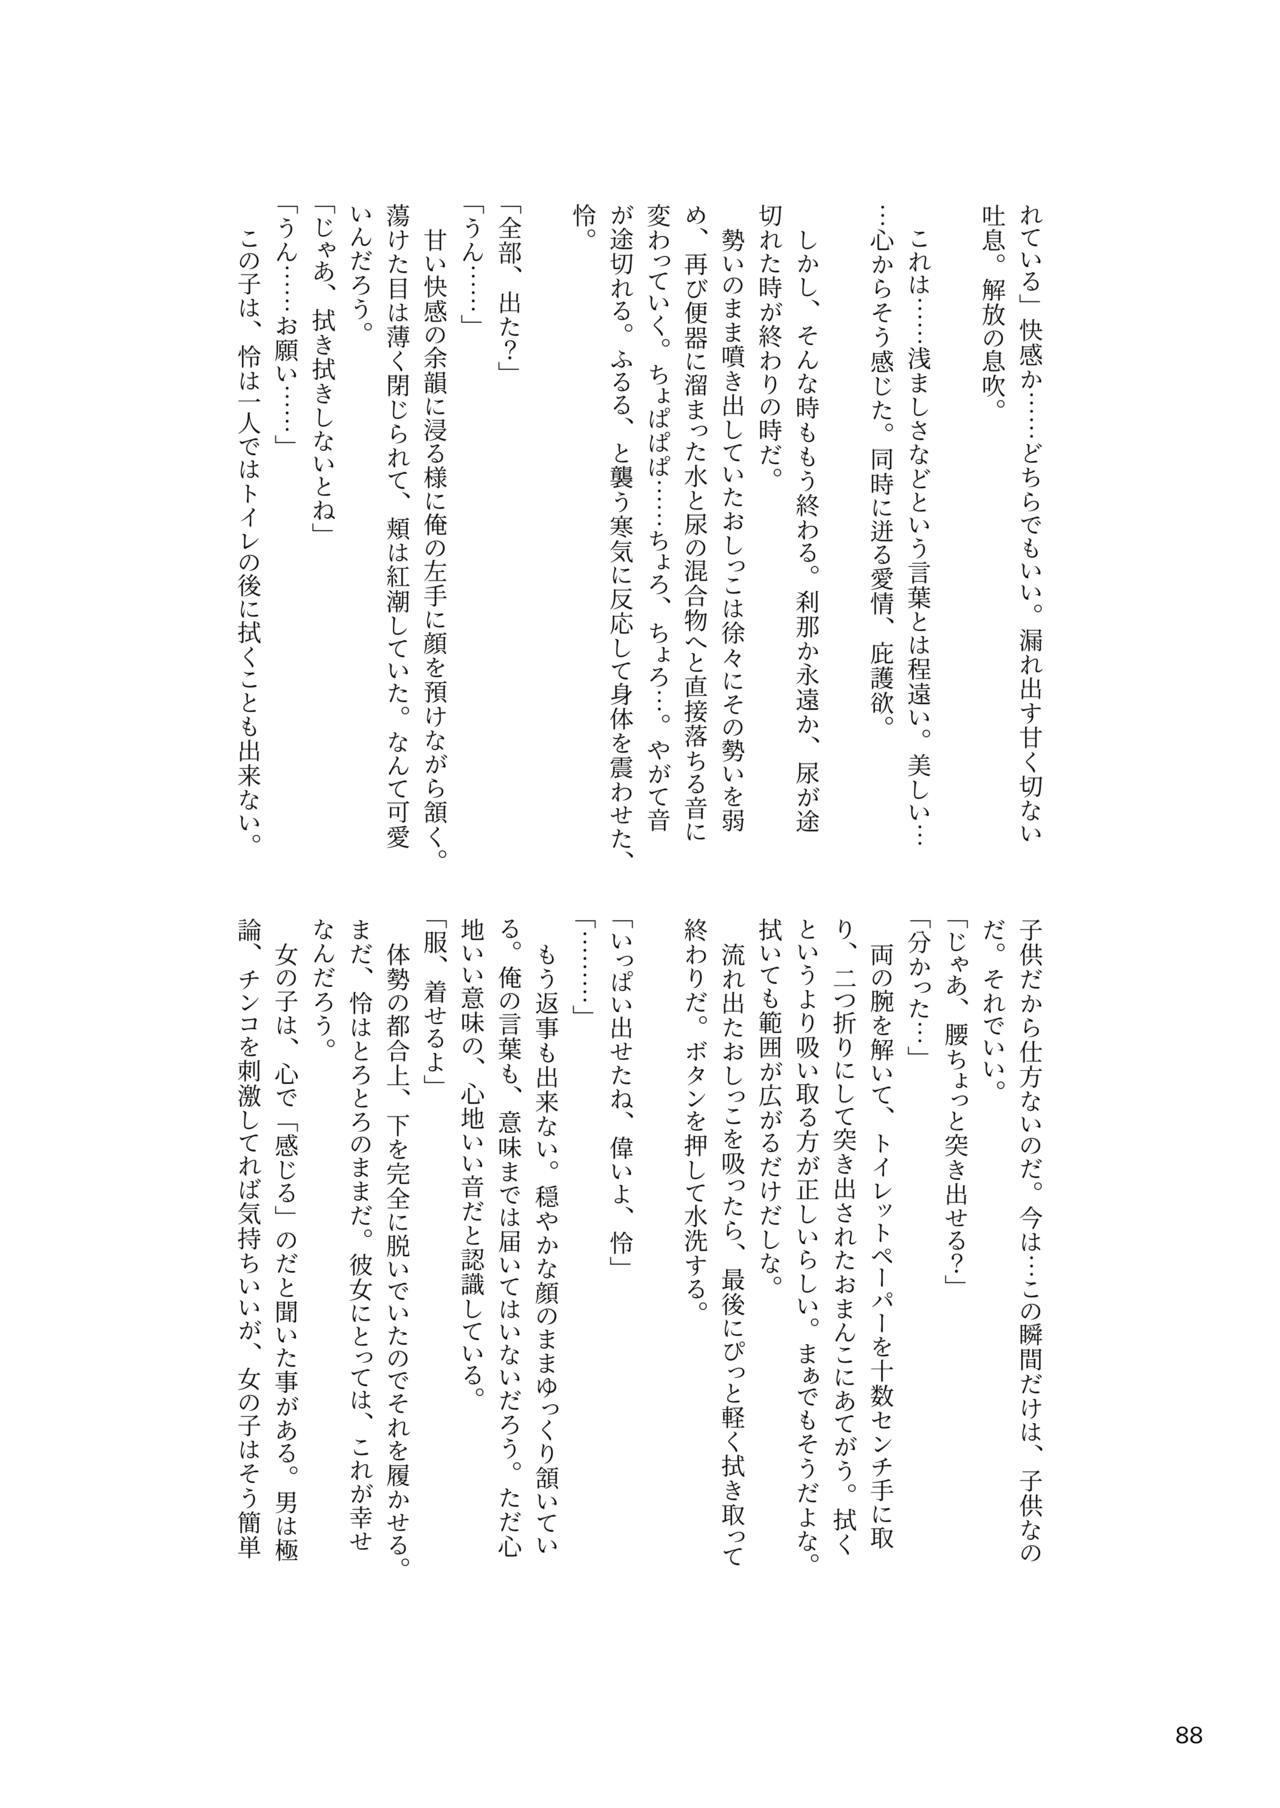 ア○スギア総合スカトロアンソロジー アクトレス排泄実態調査任務~スカポためるっすか!?~ 87